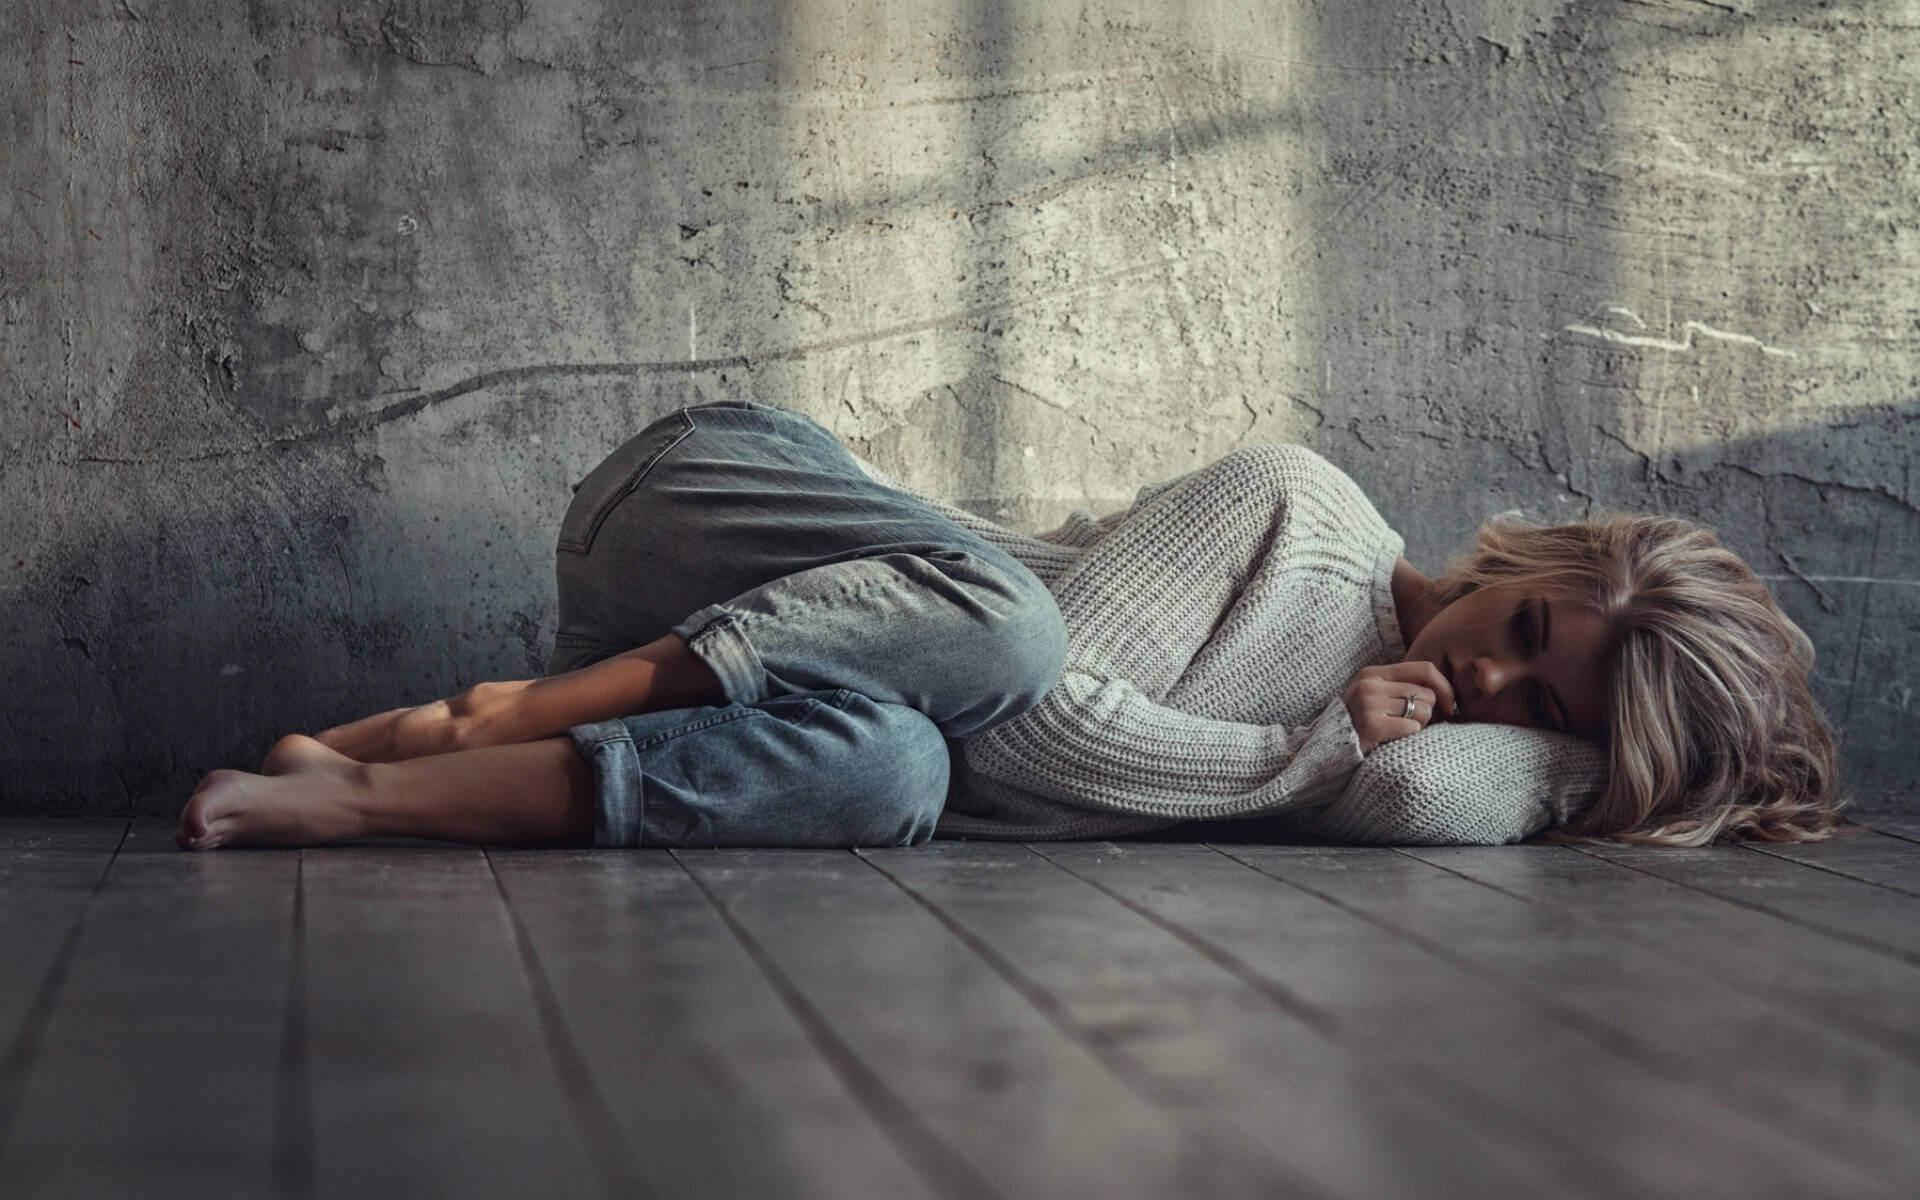 Причины депрессии и апатии: у подростков, у женщин, у мужчин ...